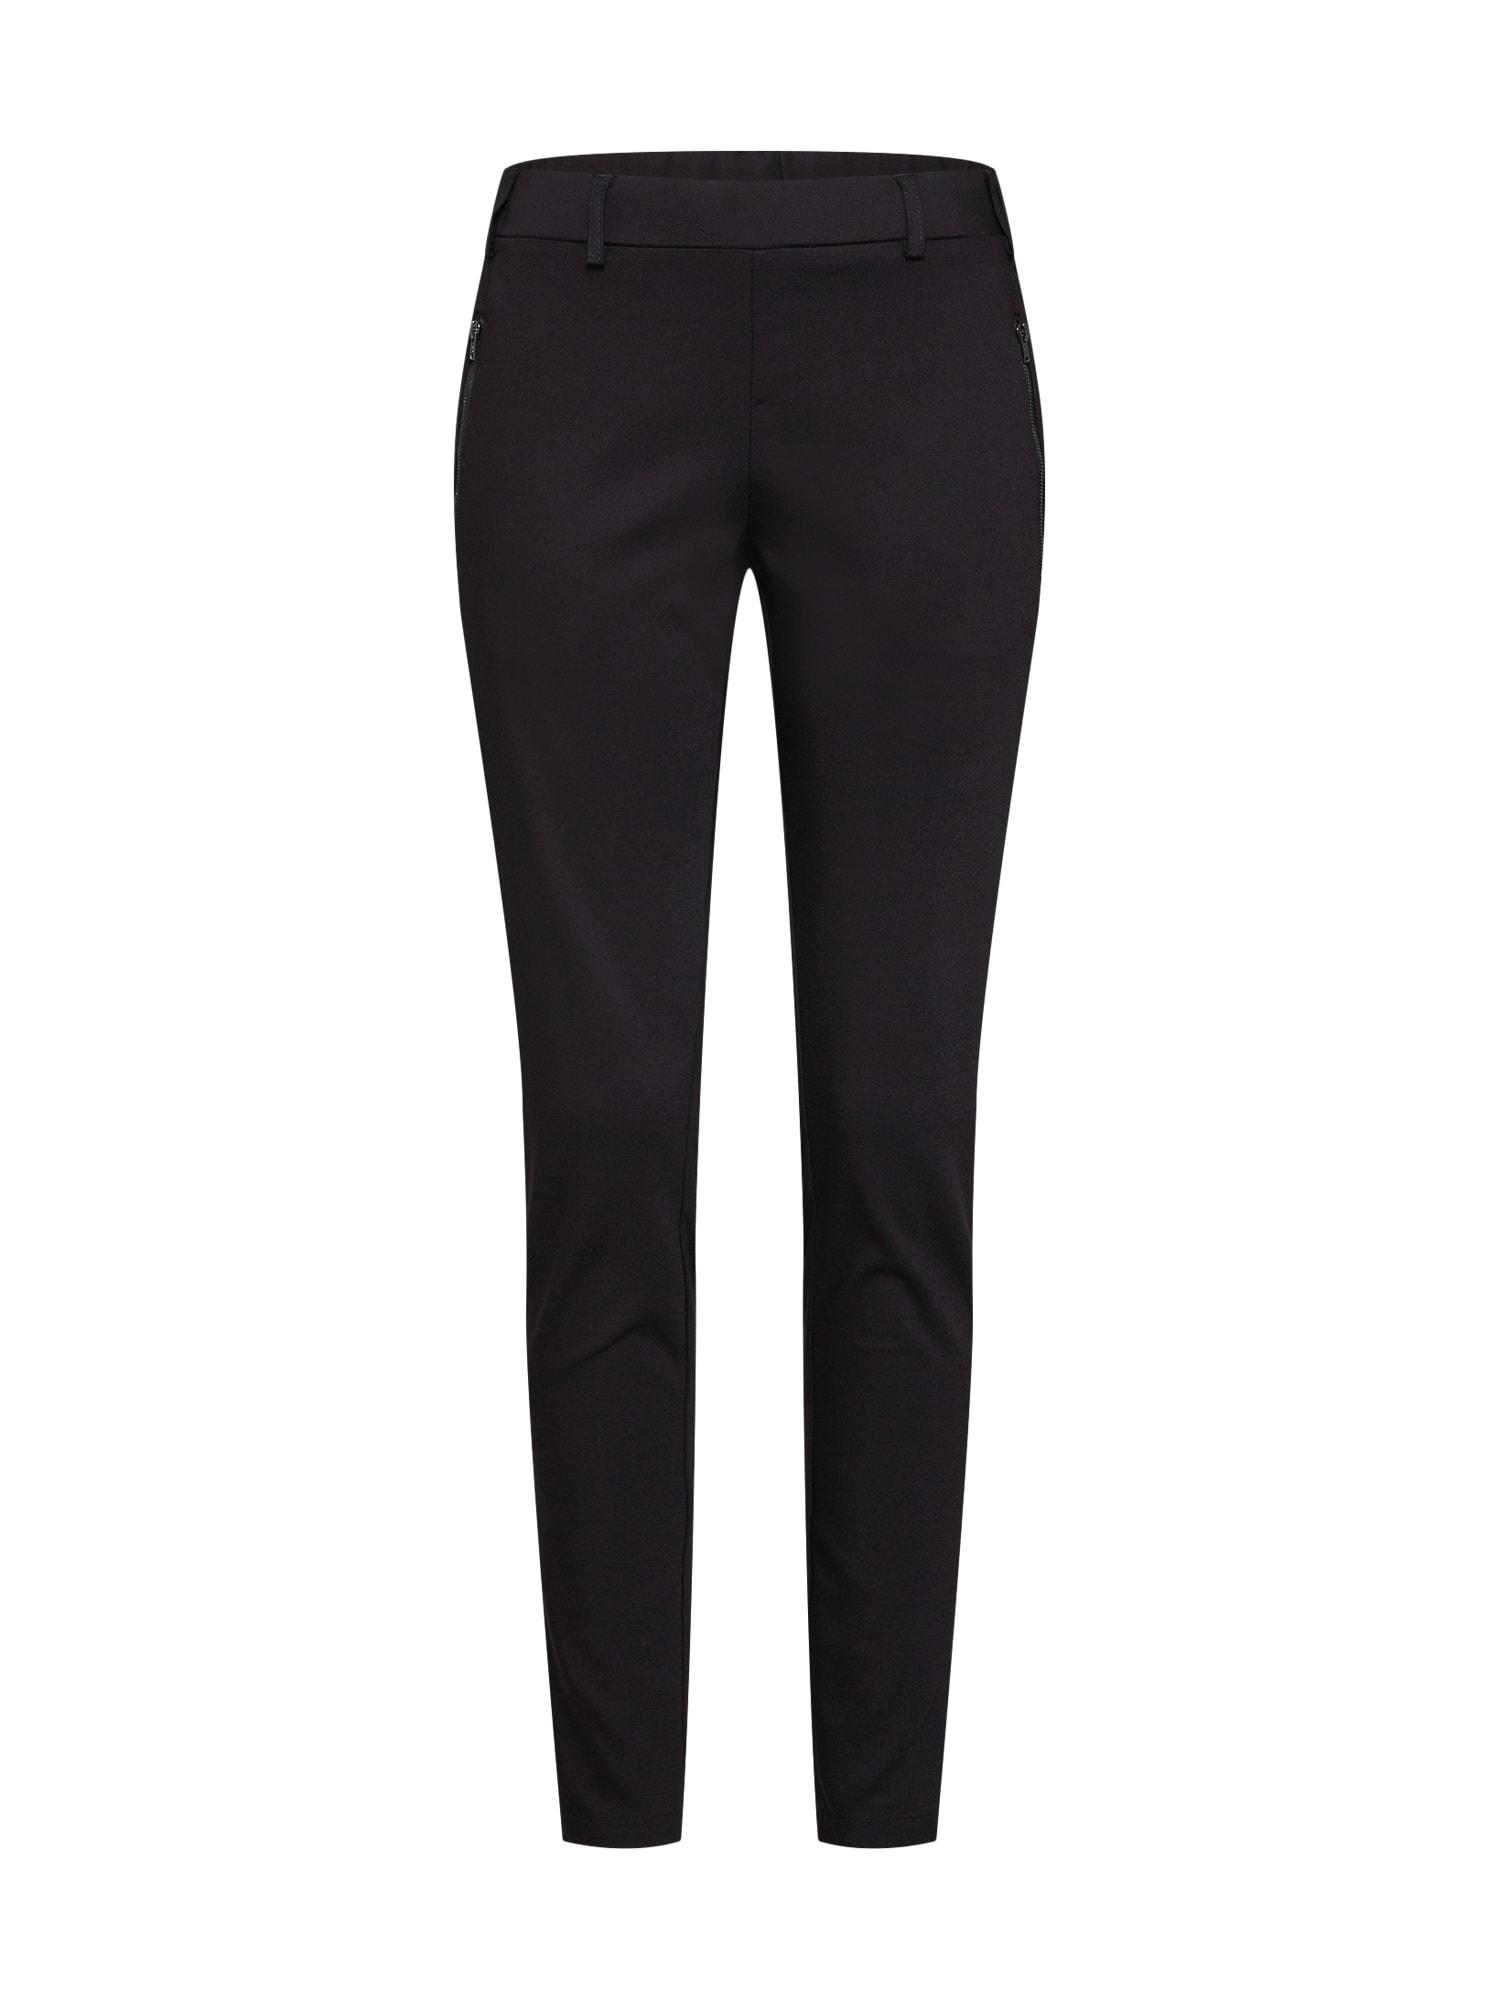 Kalhoty s puky Vera Pants černá Kaffe